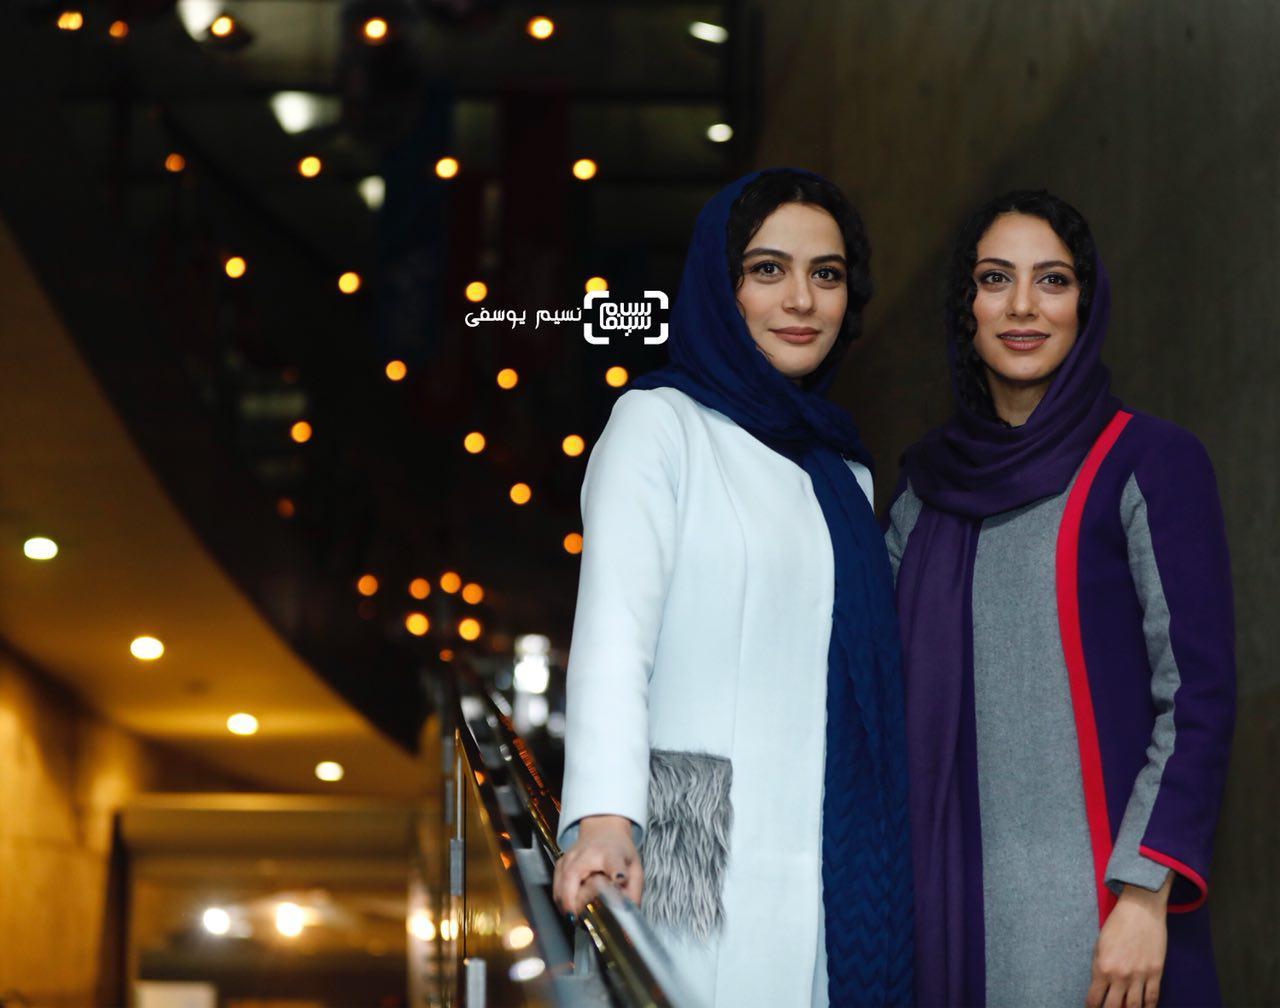 مونا فرجاد و مارال فرجاد در اکران فیلم «ماهورا» در سی و ششمین جشنواره فیلم فجر